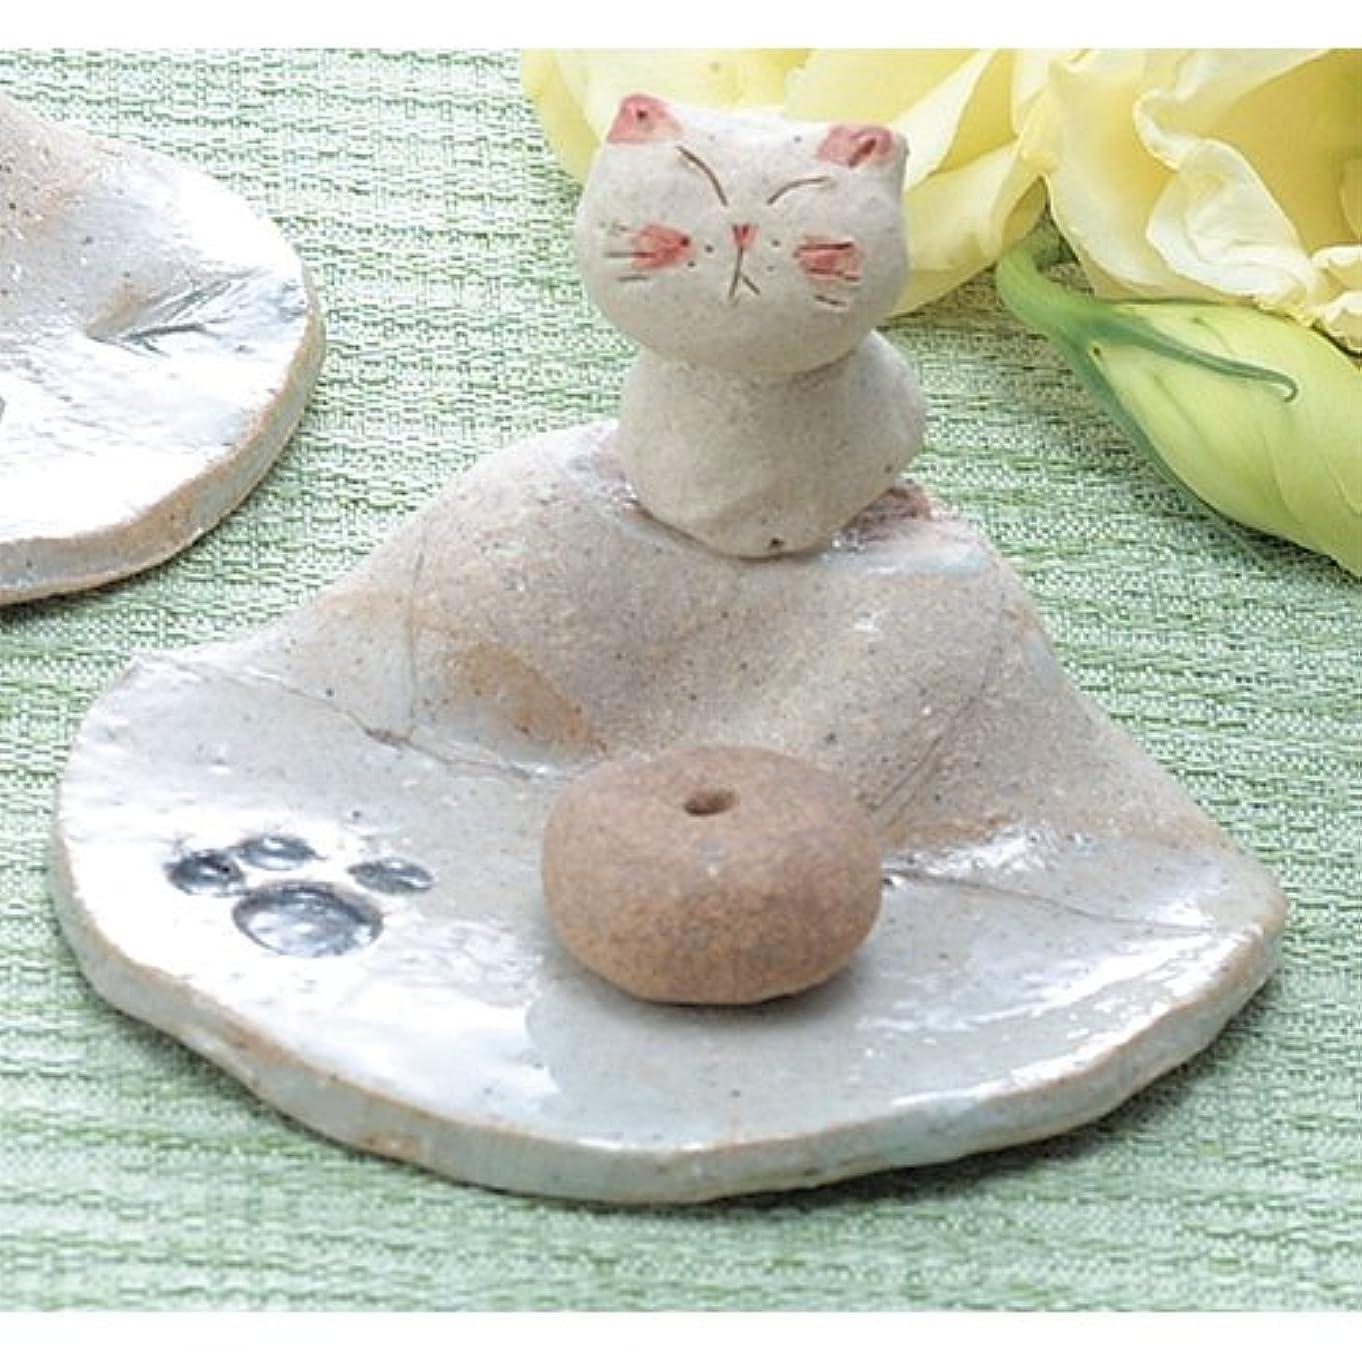 さまようビジター重要香皿 ほっこり ネコ 香皿 [H4cm] プレゼント ギフト 和食器 かわいい インテリア